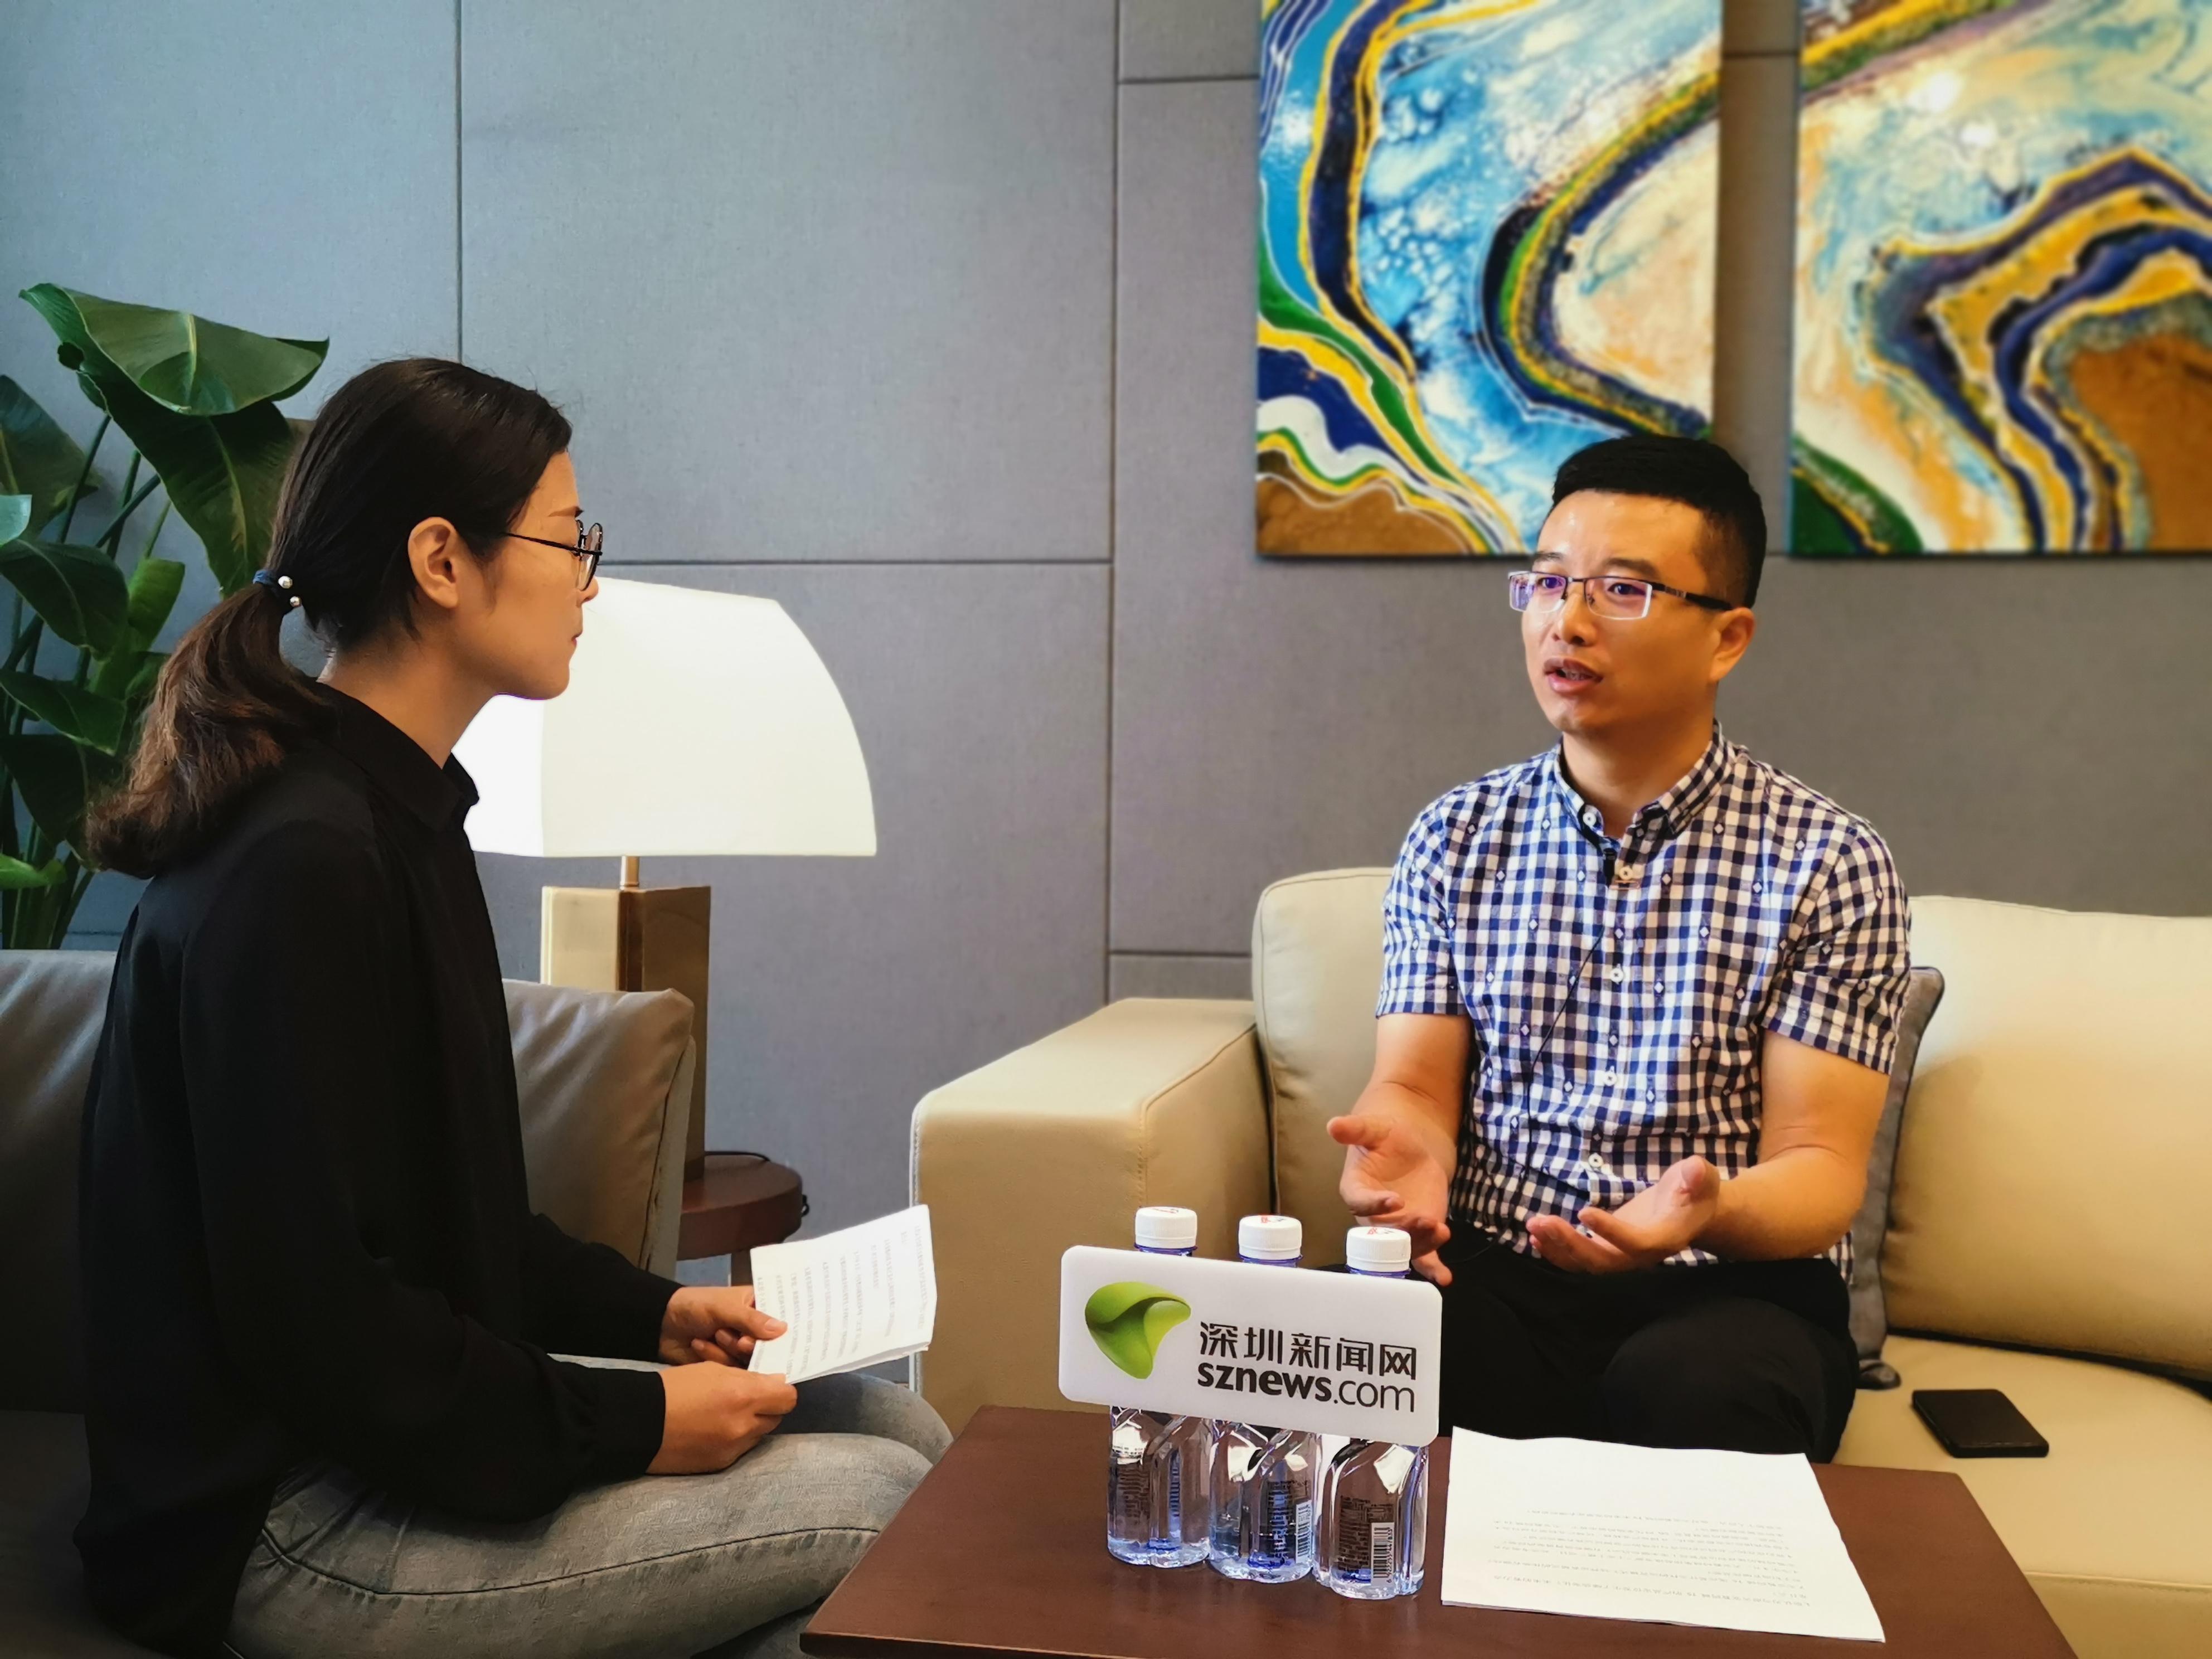 专访||周艳青:未来产业园区拼的是运营服务